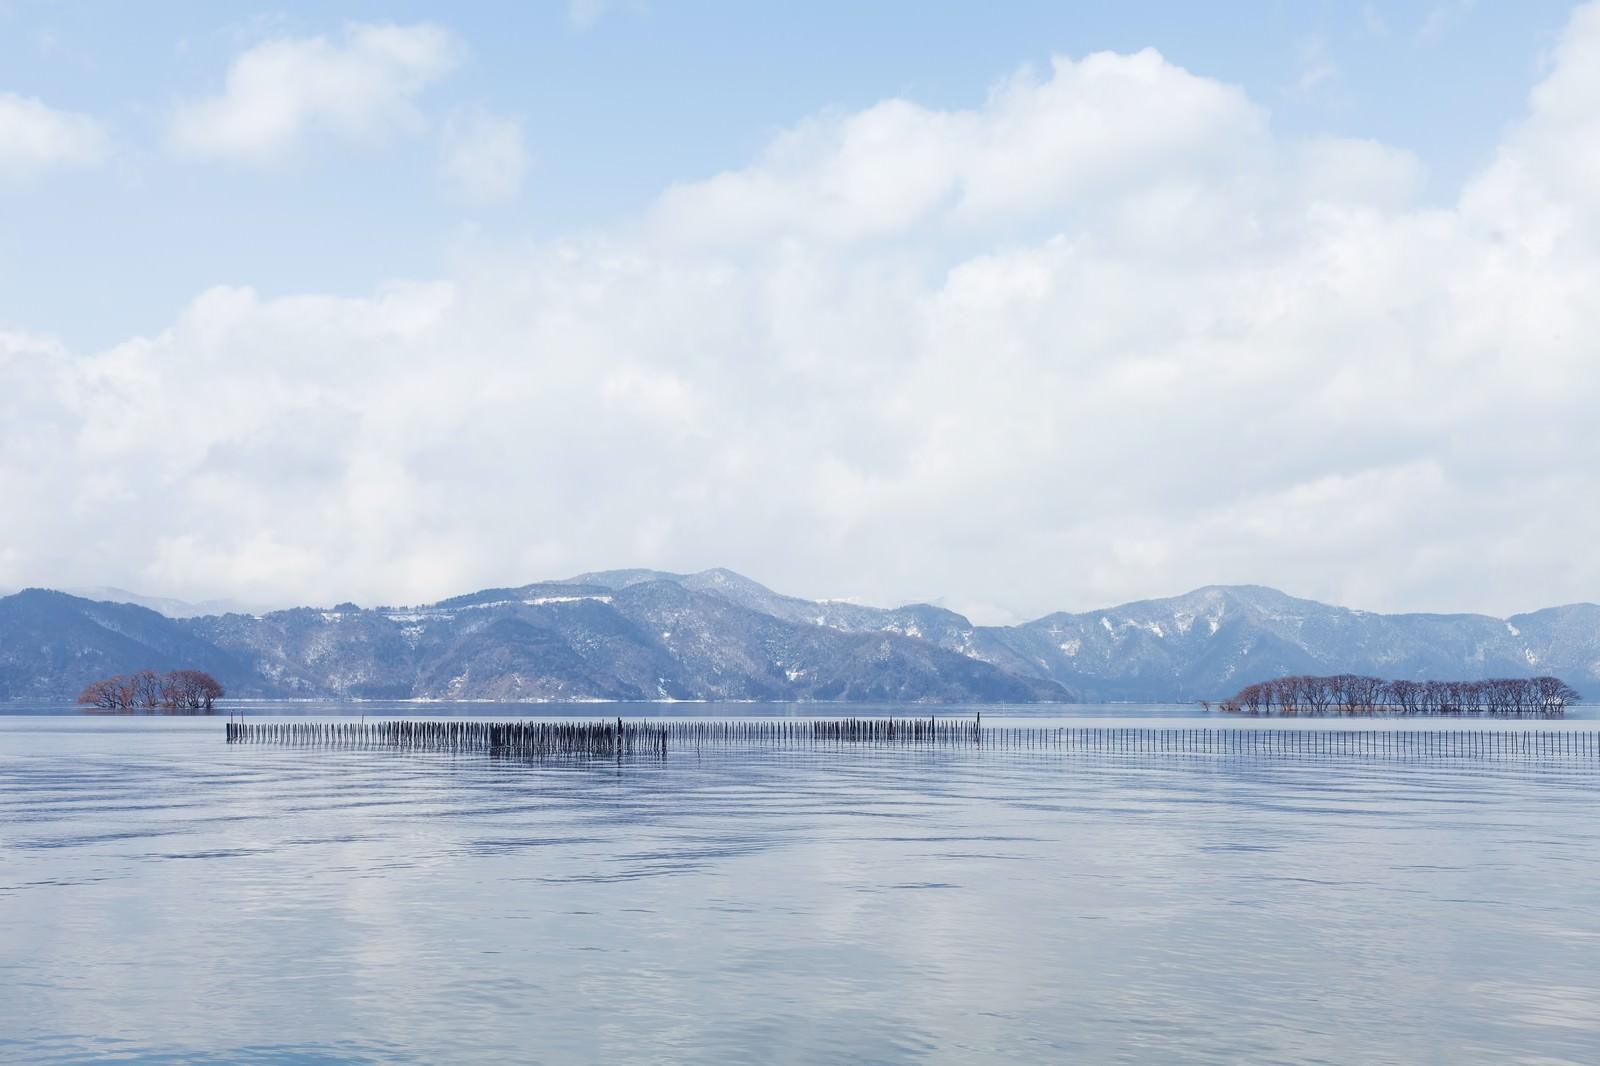 「湖北町から見た琵琶湖の景色」の写真